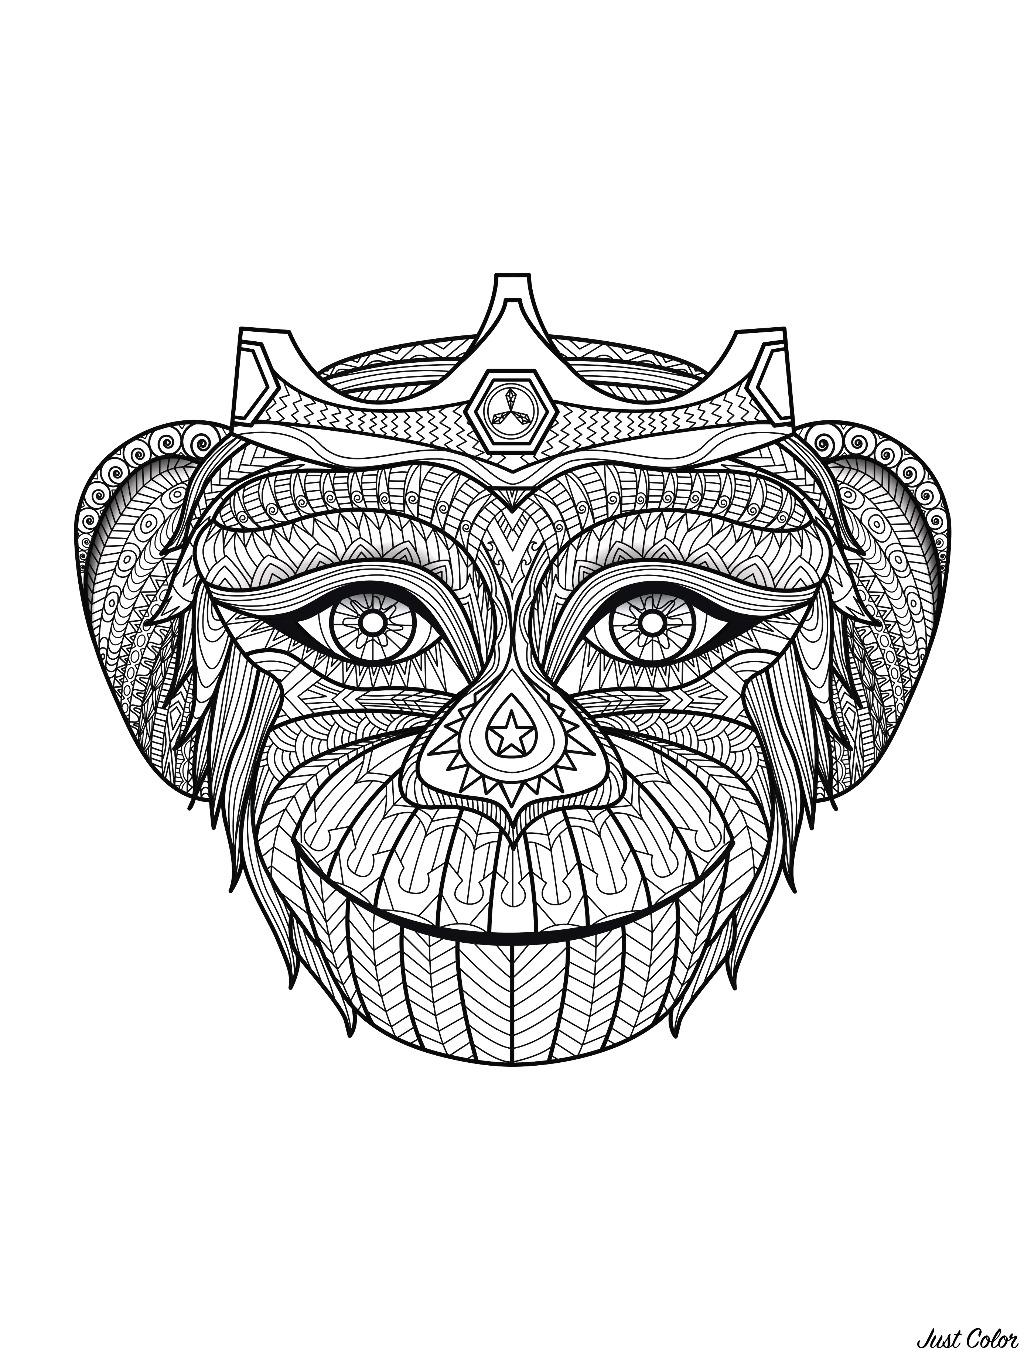 Colorear para adultos  : Monos - 2